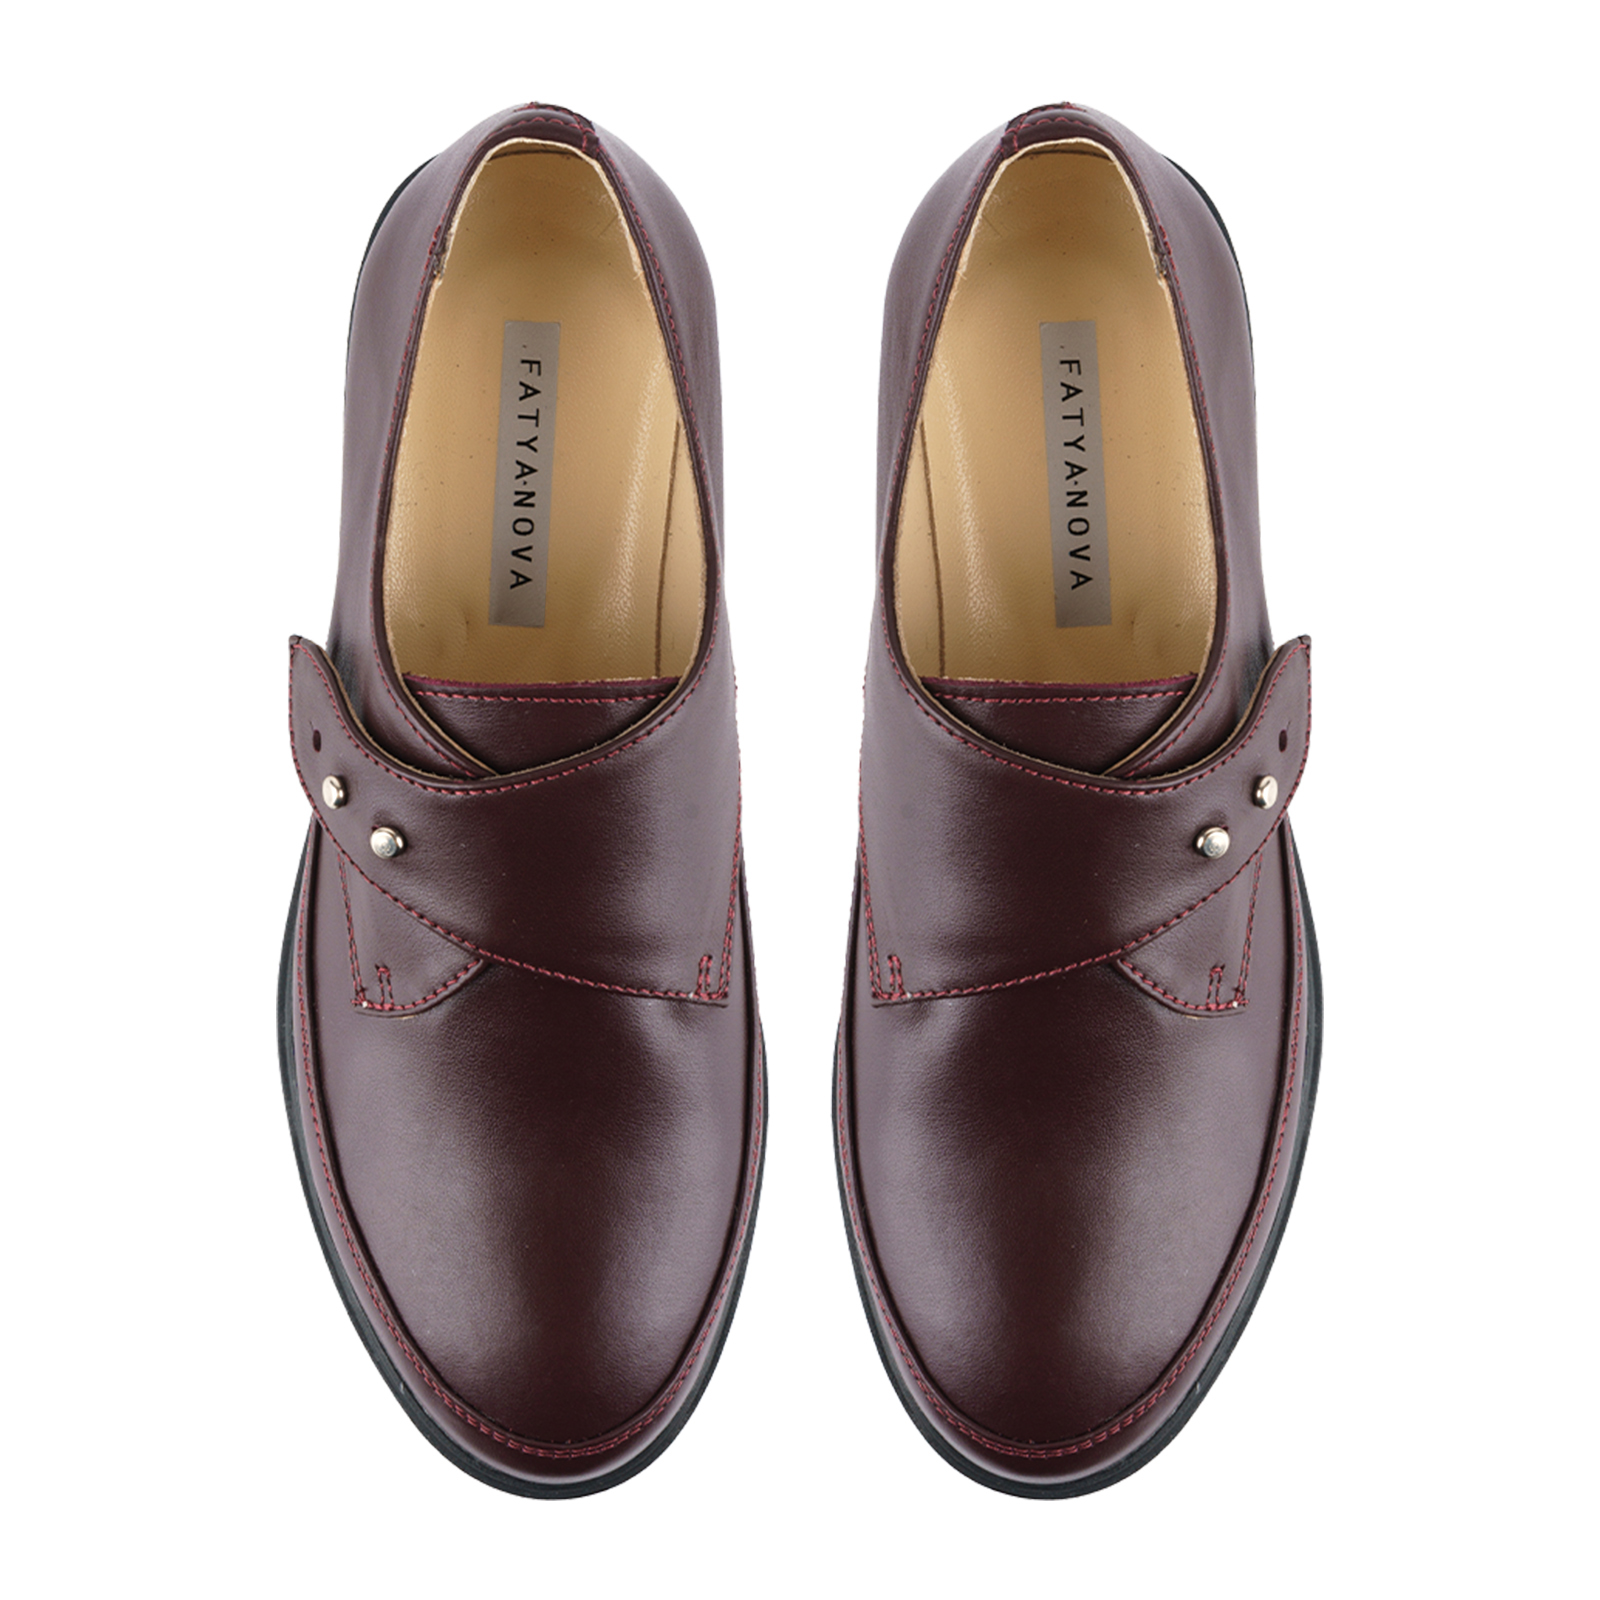 Туфли женские Туфли Алина кожаные бордового цвета 100107 брендовая обувь, 2017